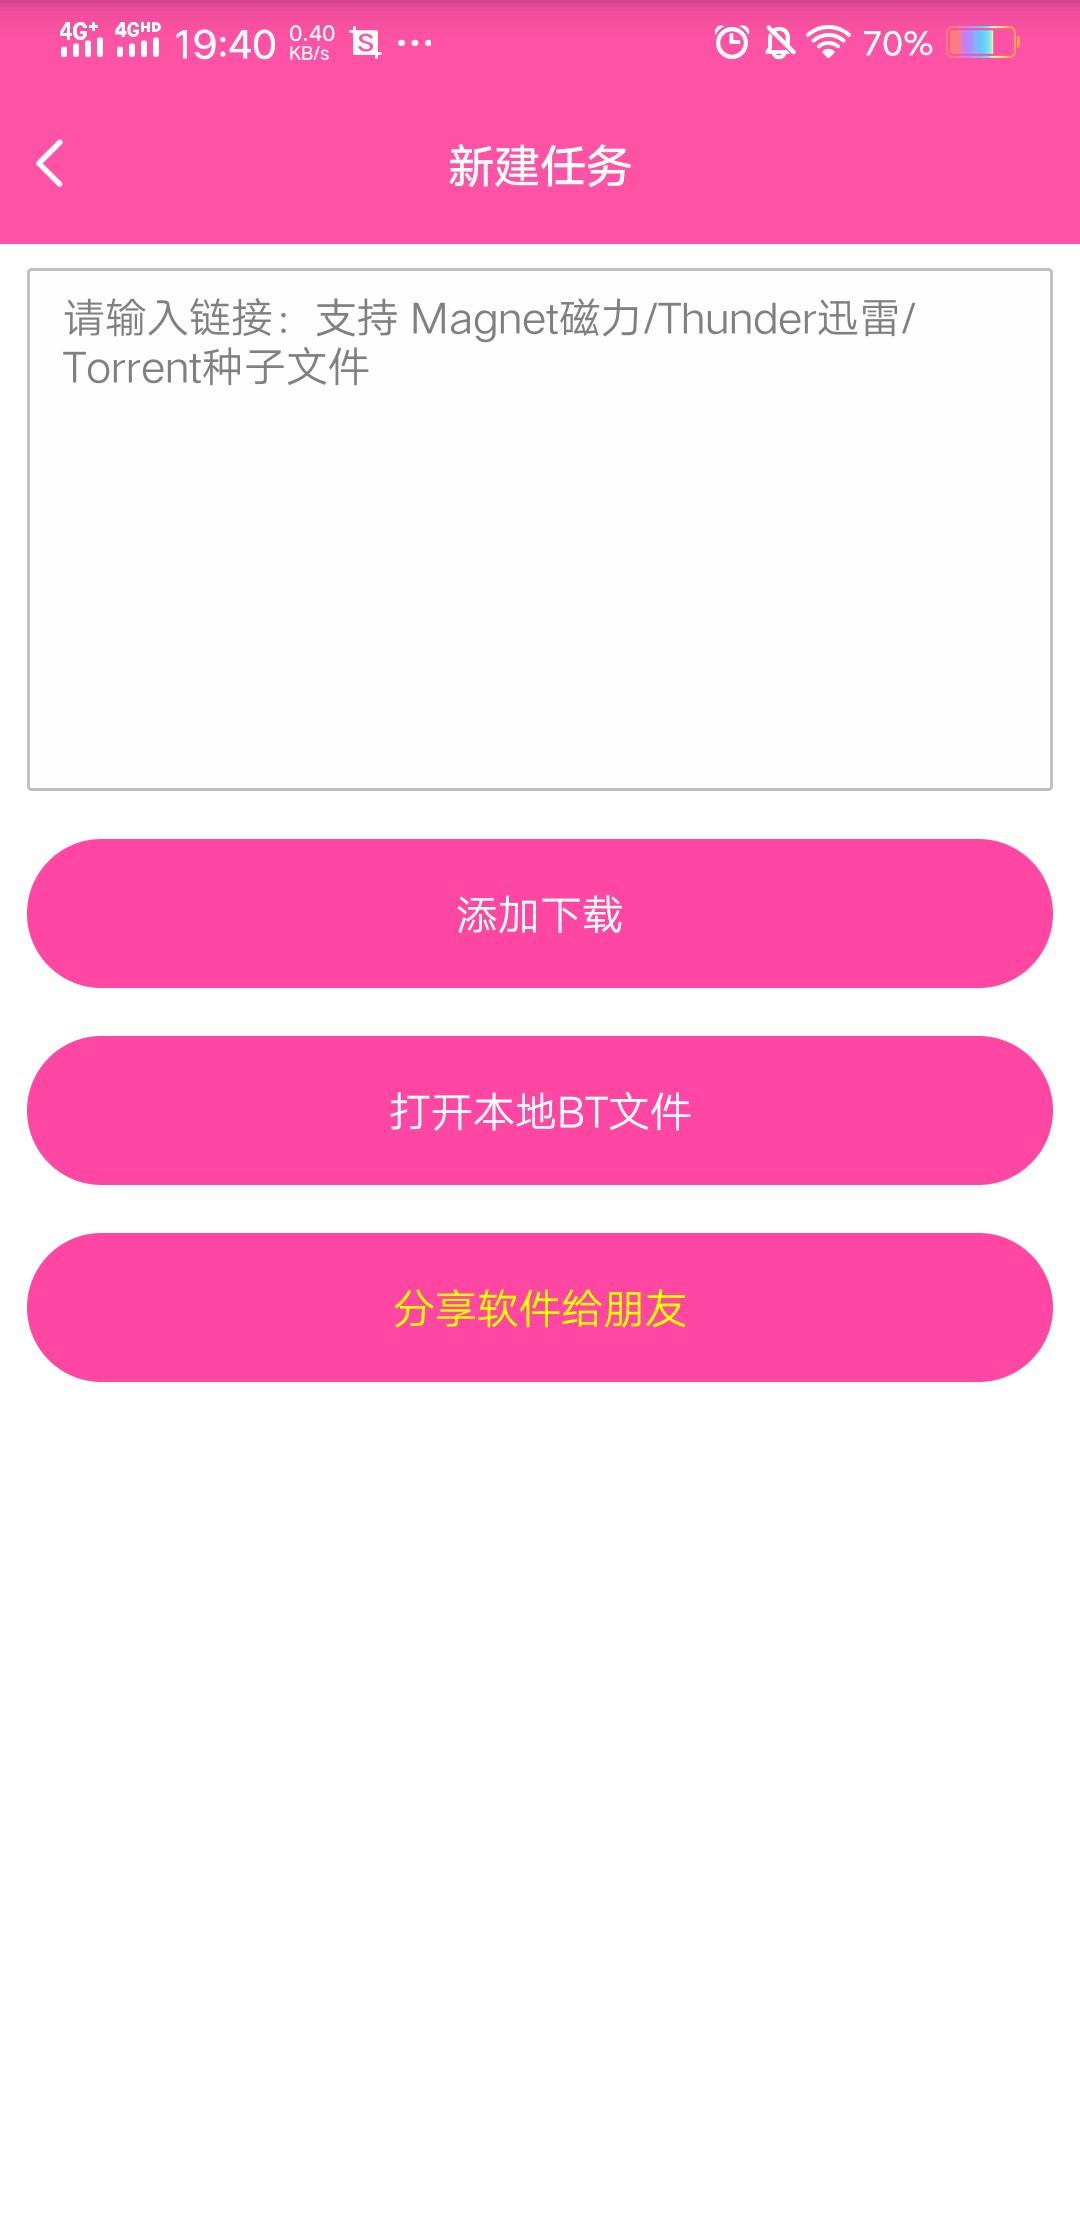 Screenshot_2019_1204_194021.jpg